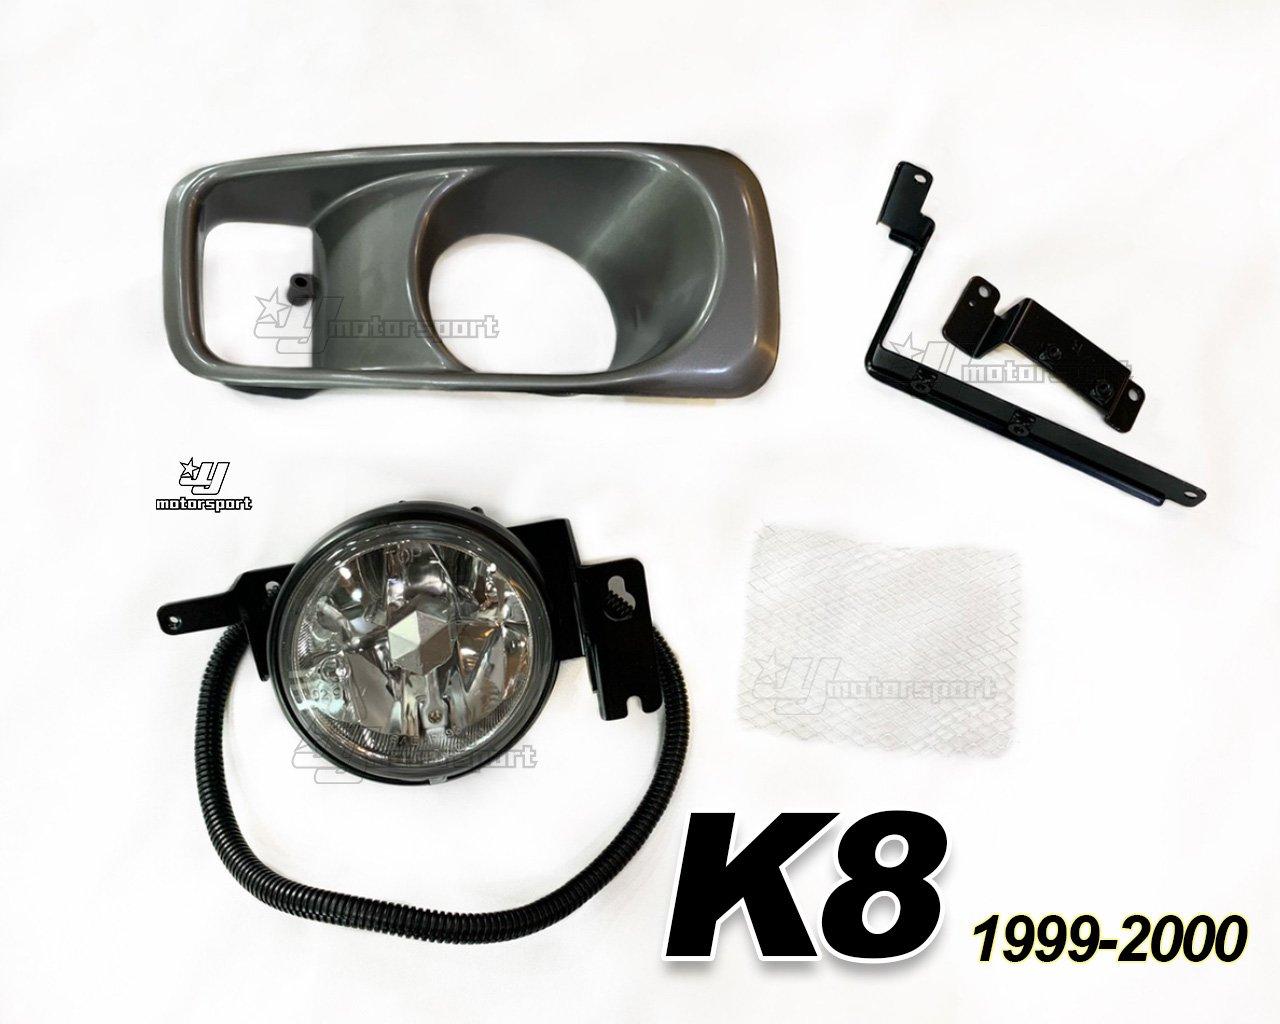 》傑暘國際車身部品《 全新 HONDA K8 99 00 年 改款後 晶鑽 霧燈 DEPO製 一邊900元